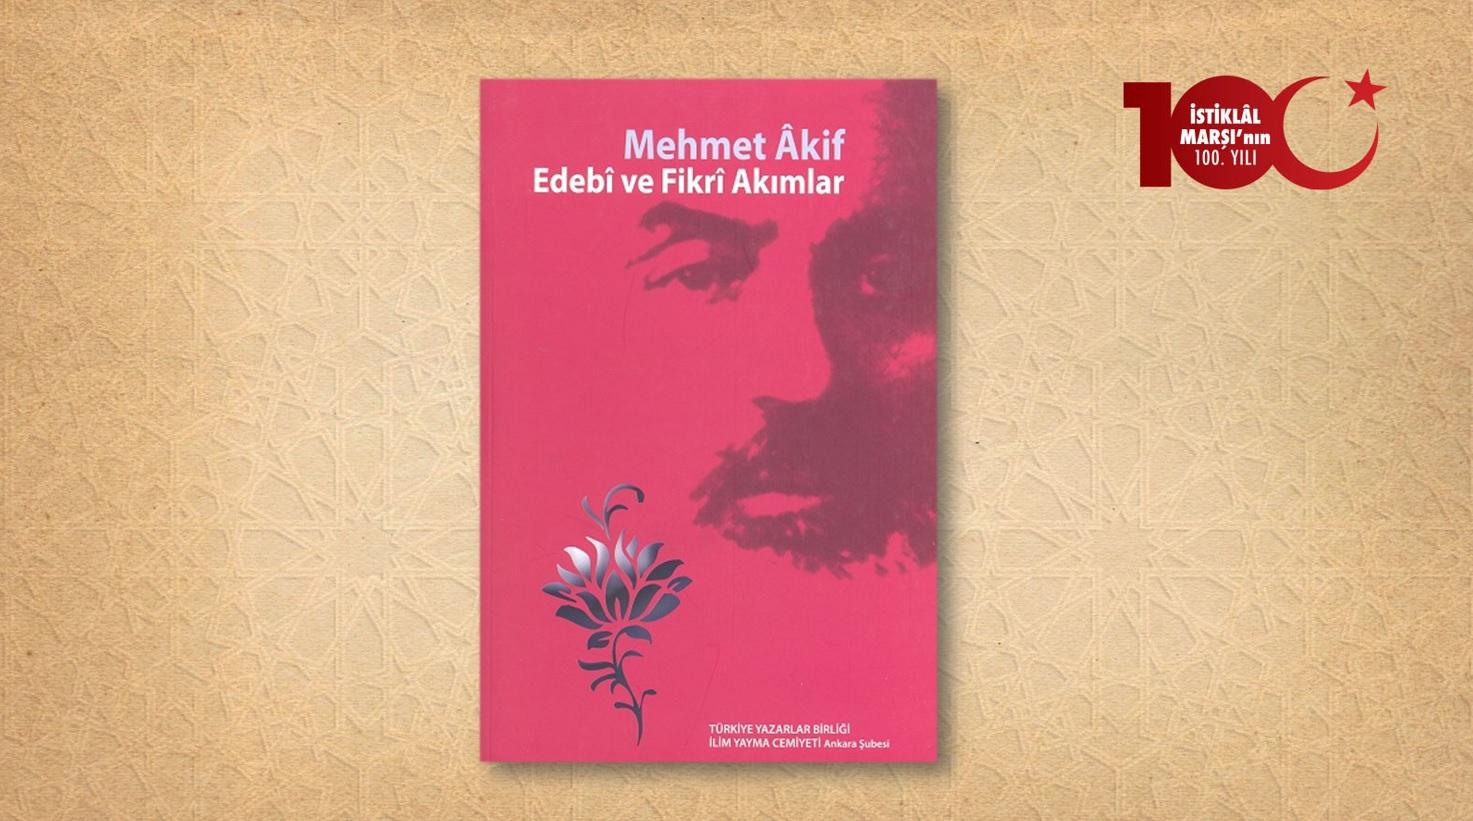 Mehmet Âkif: Edebî ve Fikrî Akımlar